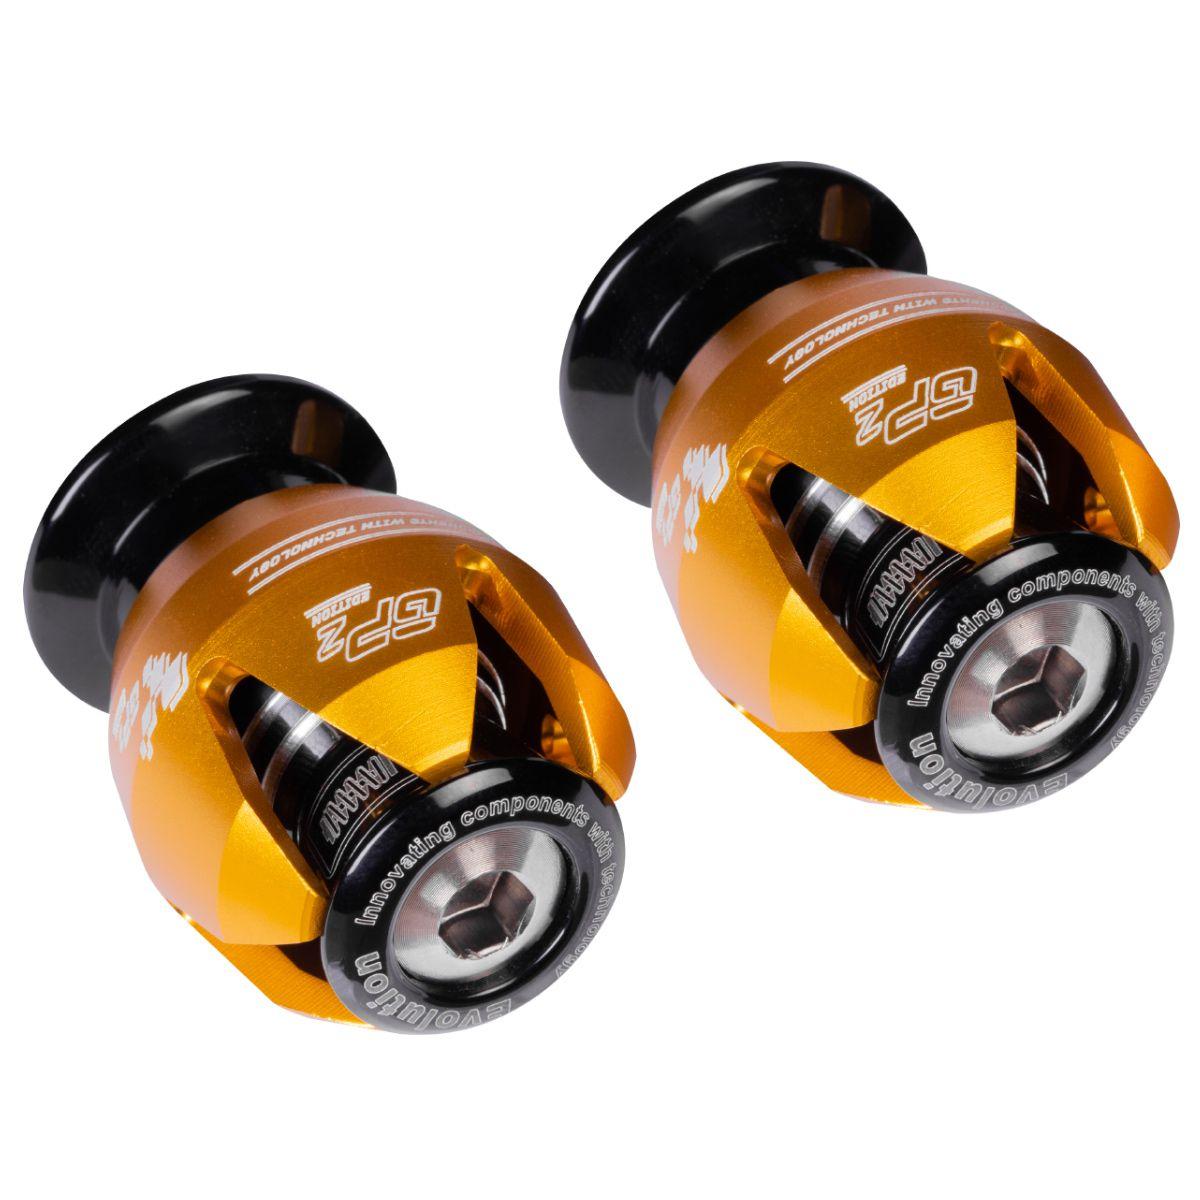 Slider traseiro  cbr 250r 2012 balança honda gp2 edition